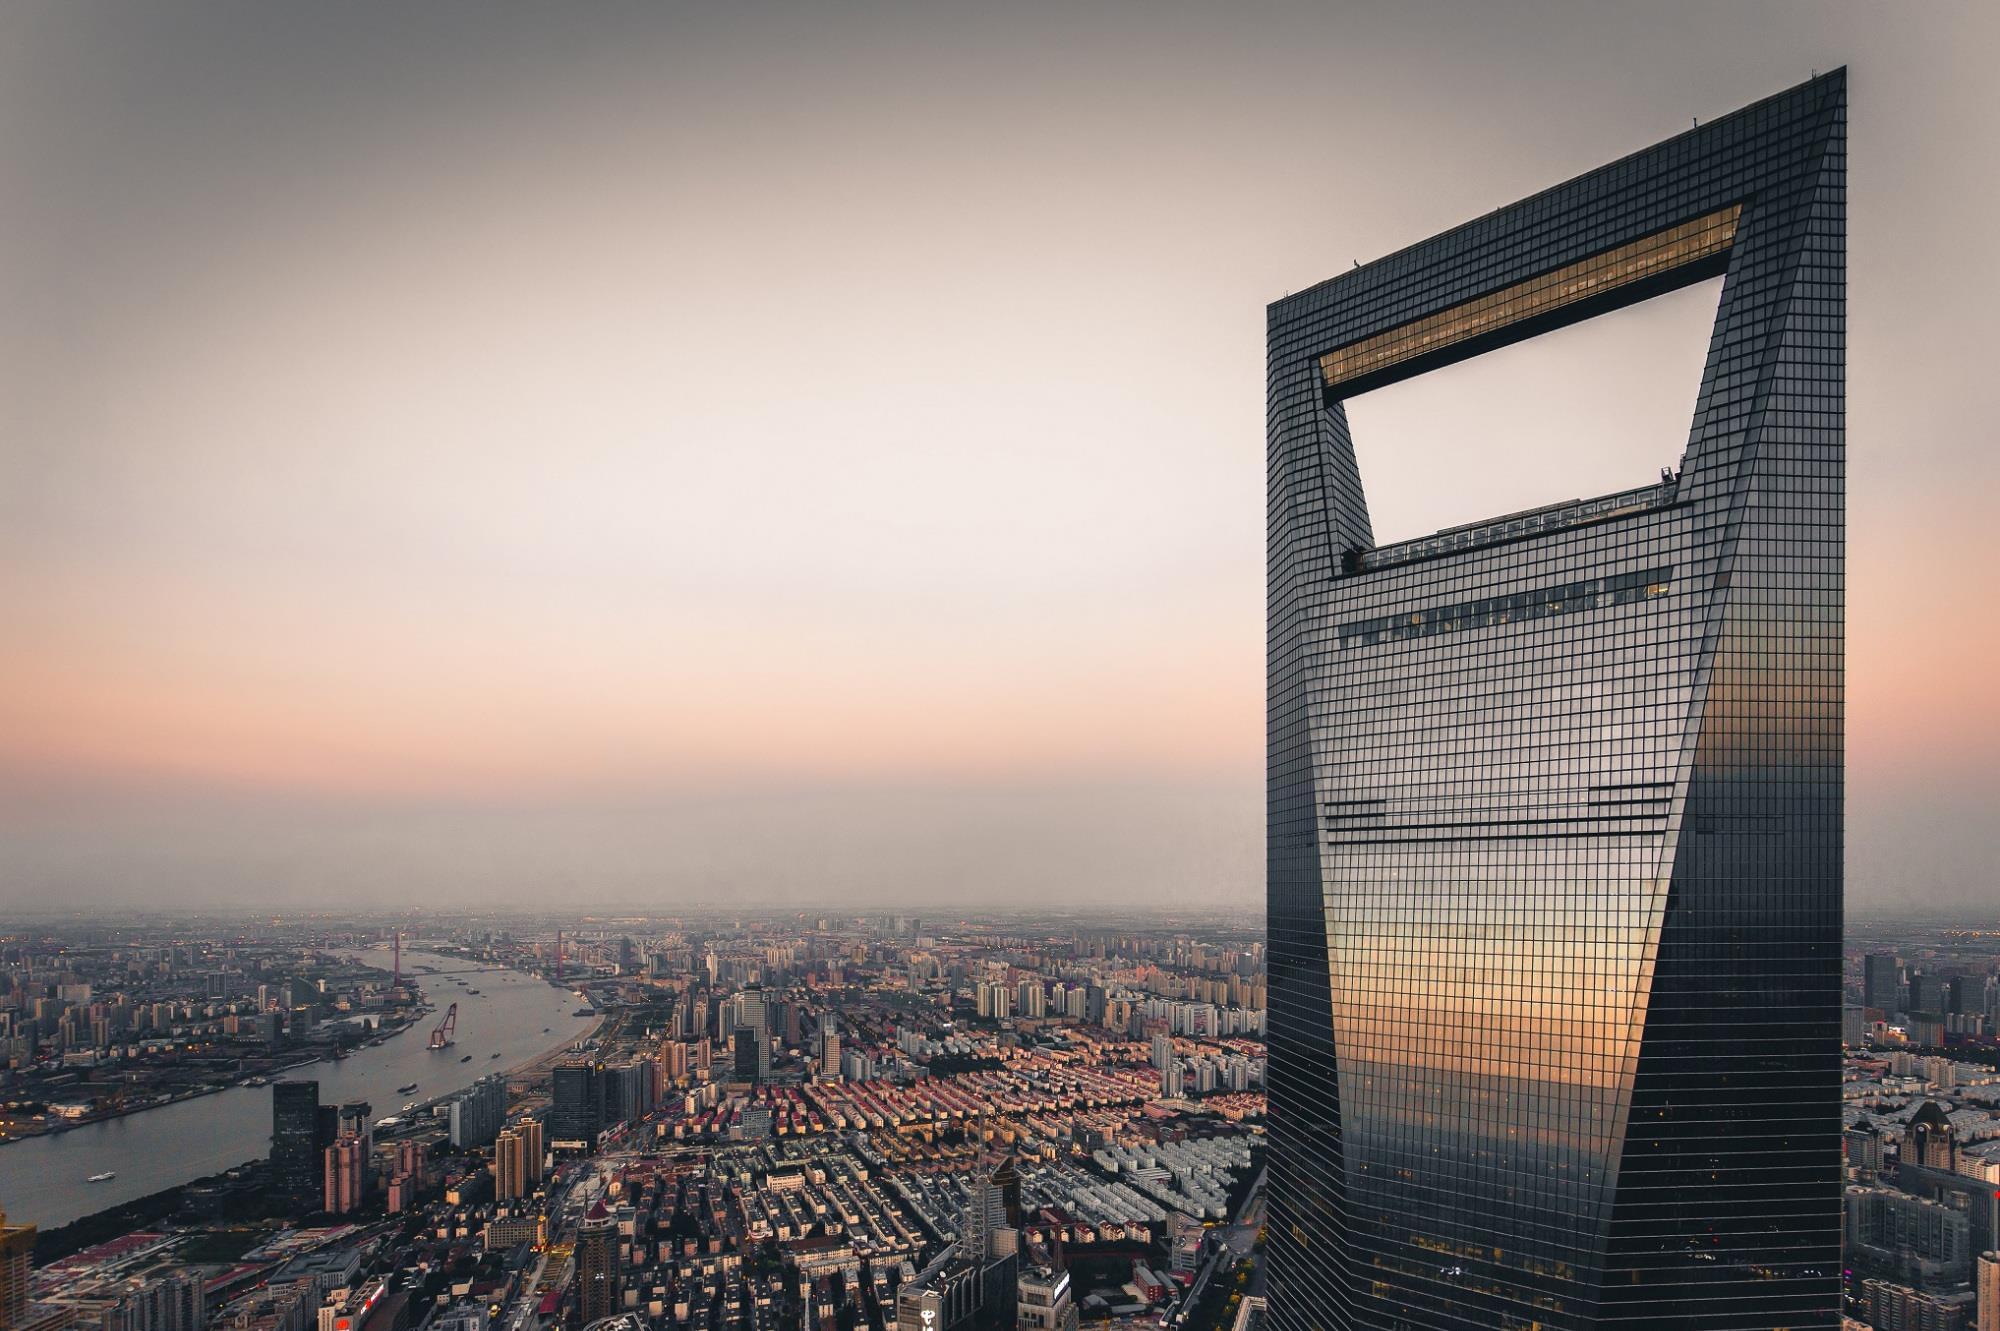 曾经的中国最高楼:还是全球最高有洞建筑,获奖无数却是日本投资